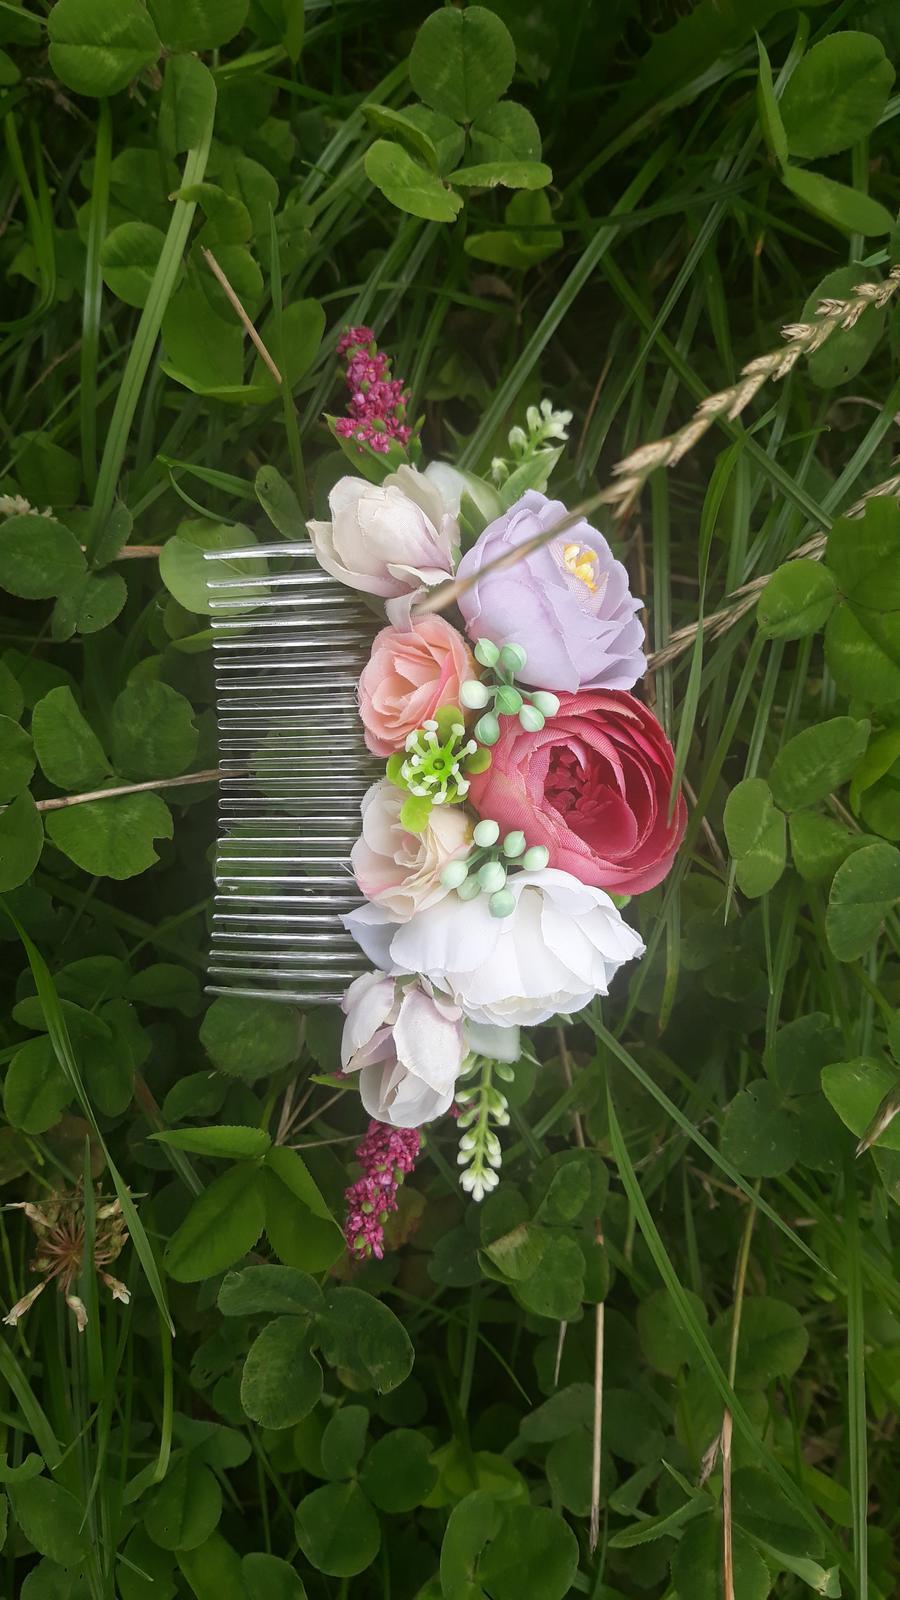 Kvetinkovo - Obrázok č. 4